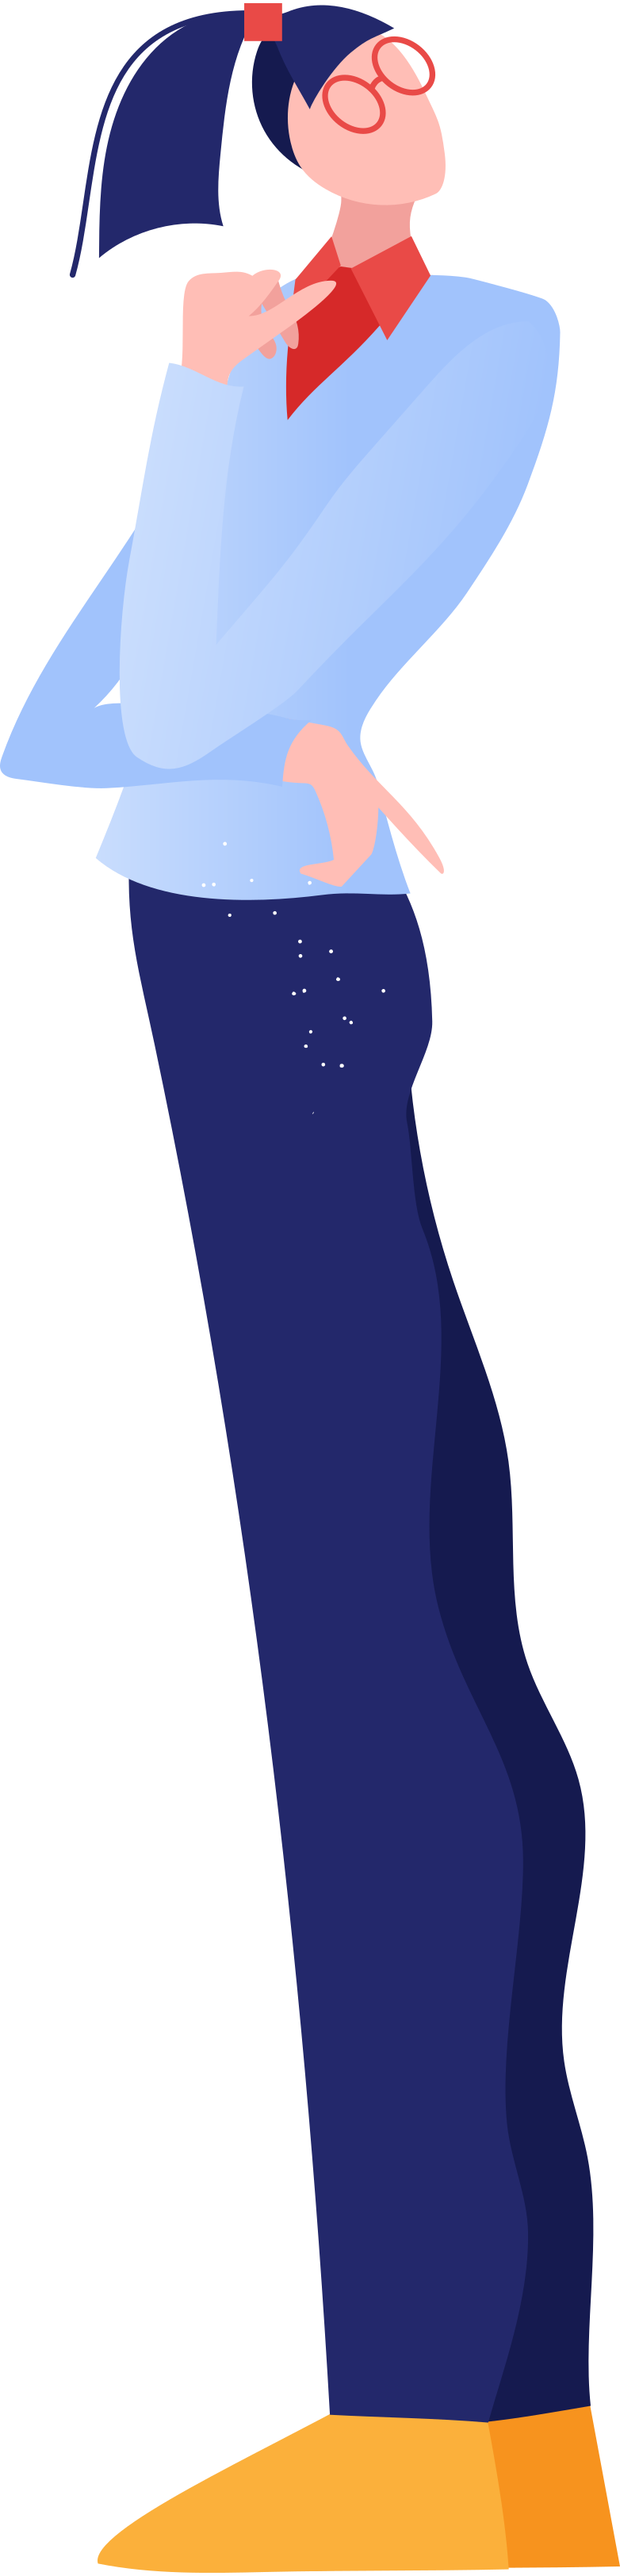 女性 のPNG、SVGクリップアートイラスト